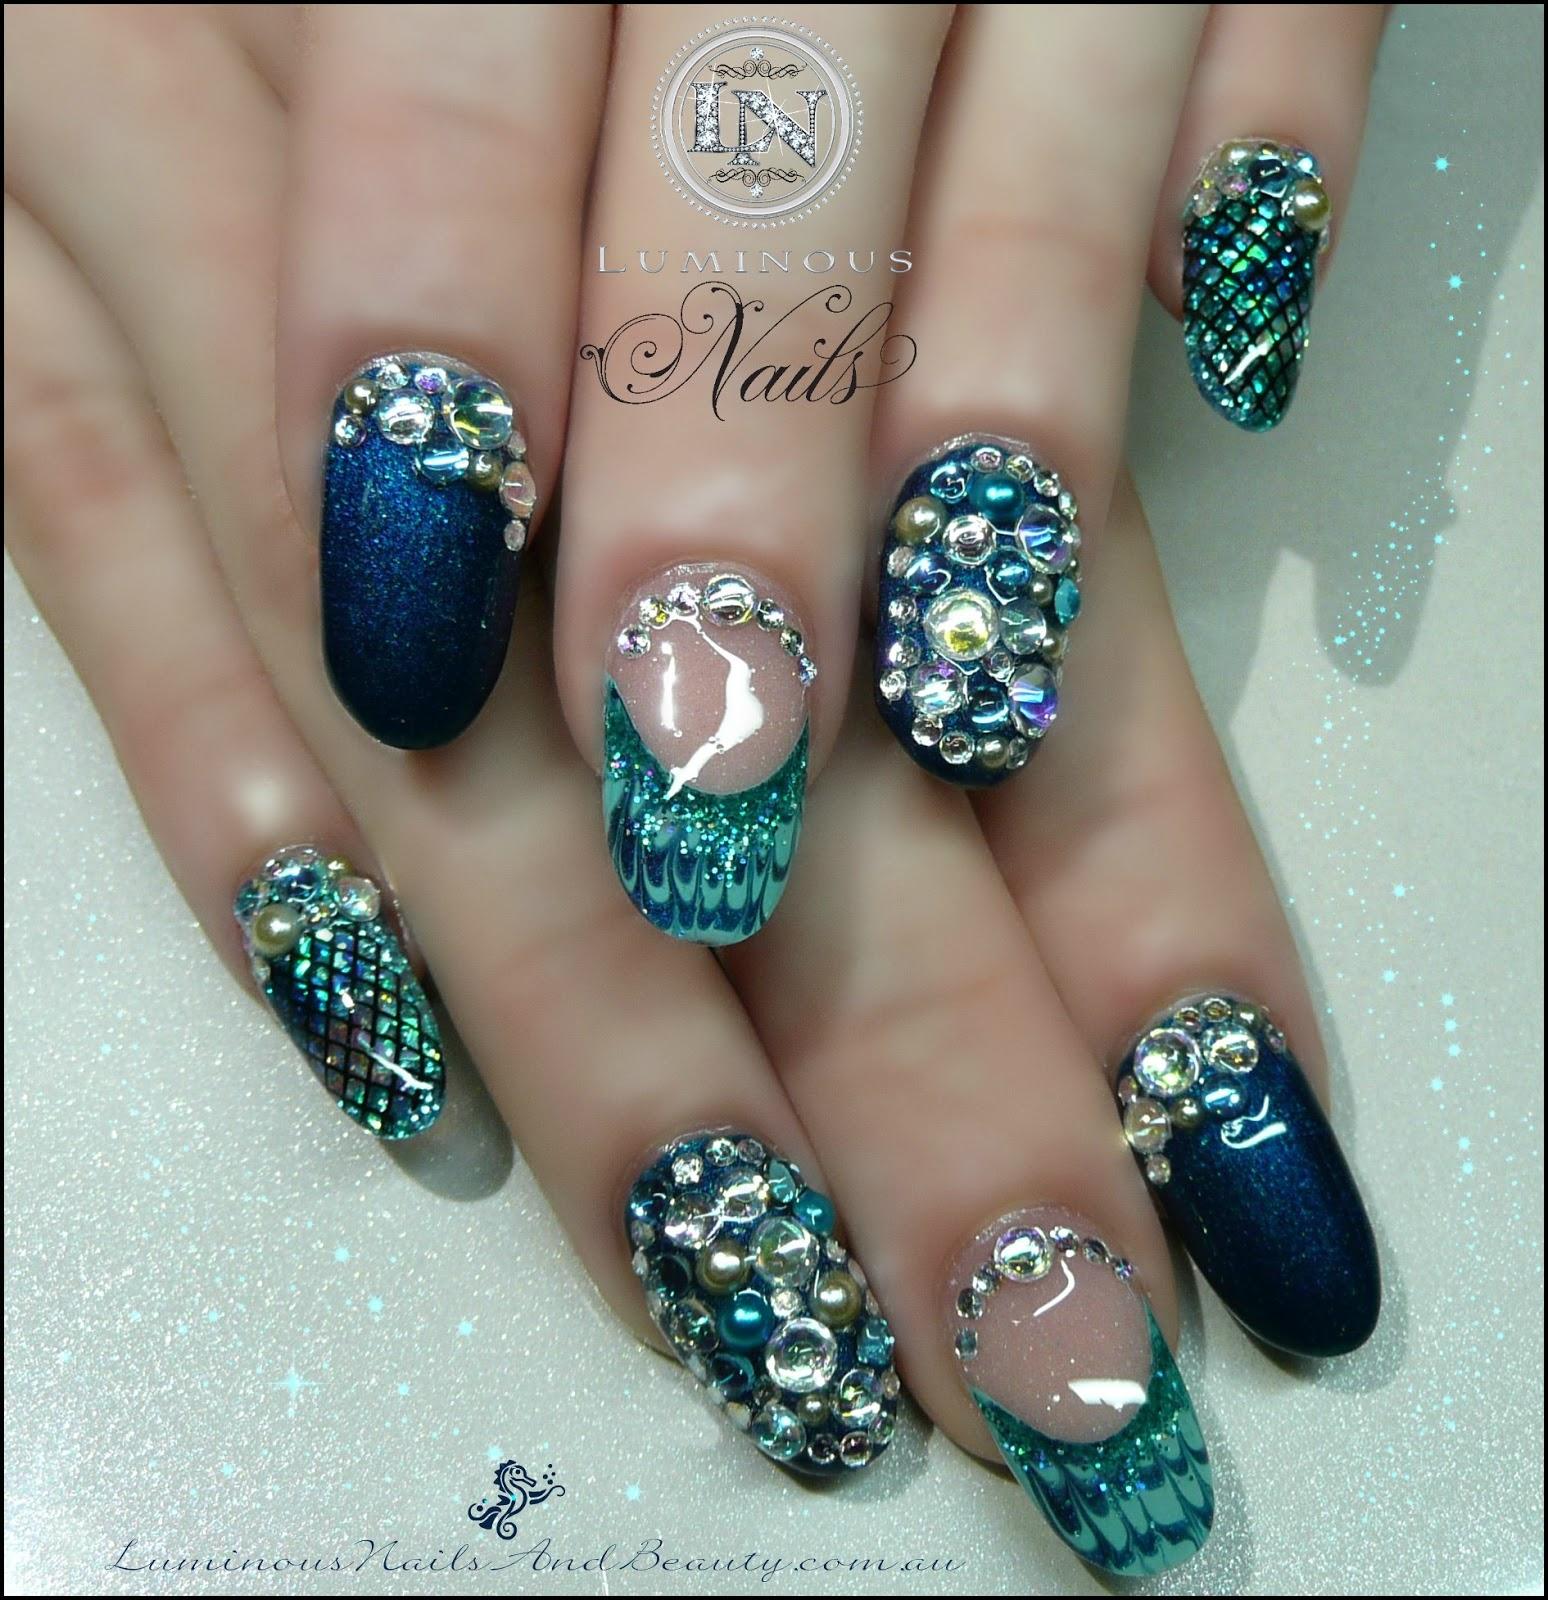 Mermaid Nail Art Acrylic Nails: Luminous Nails: May 2013